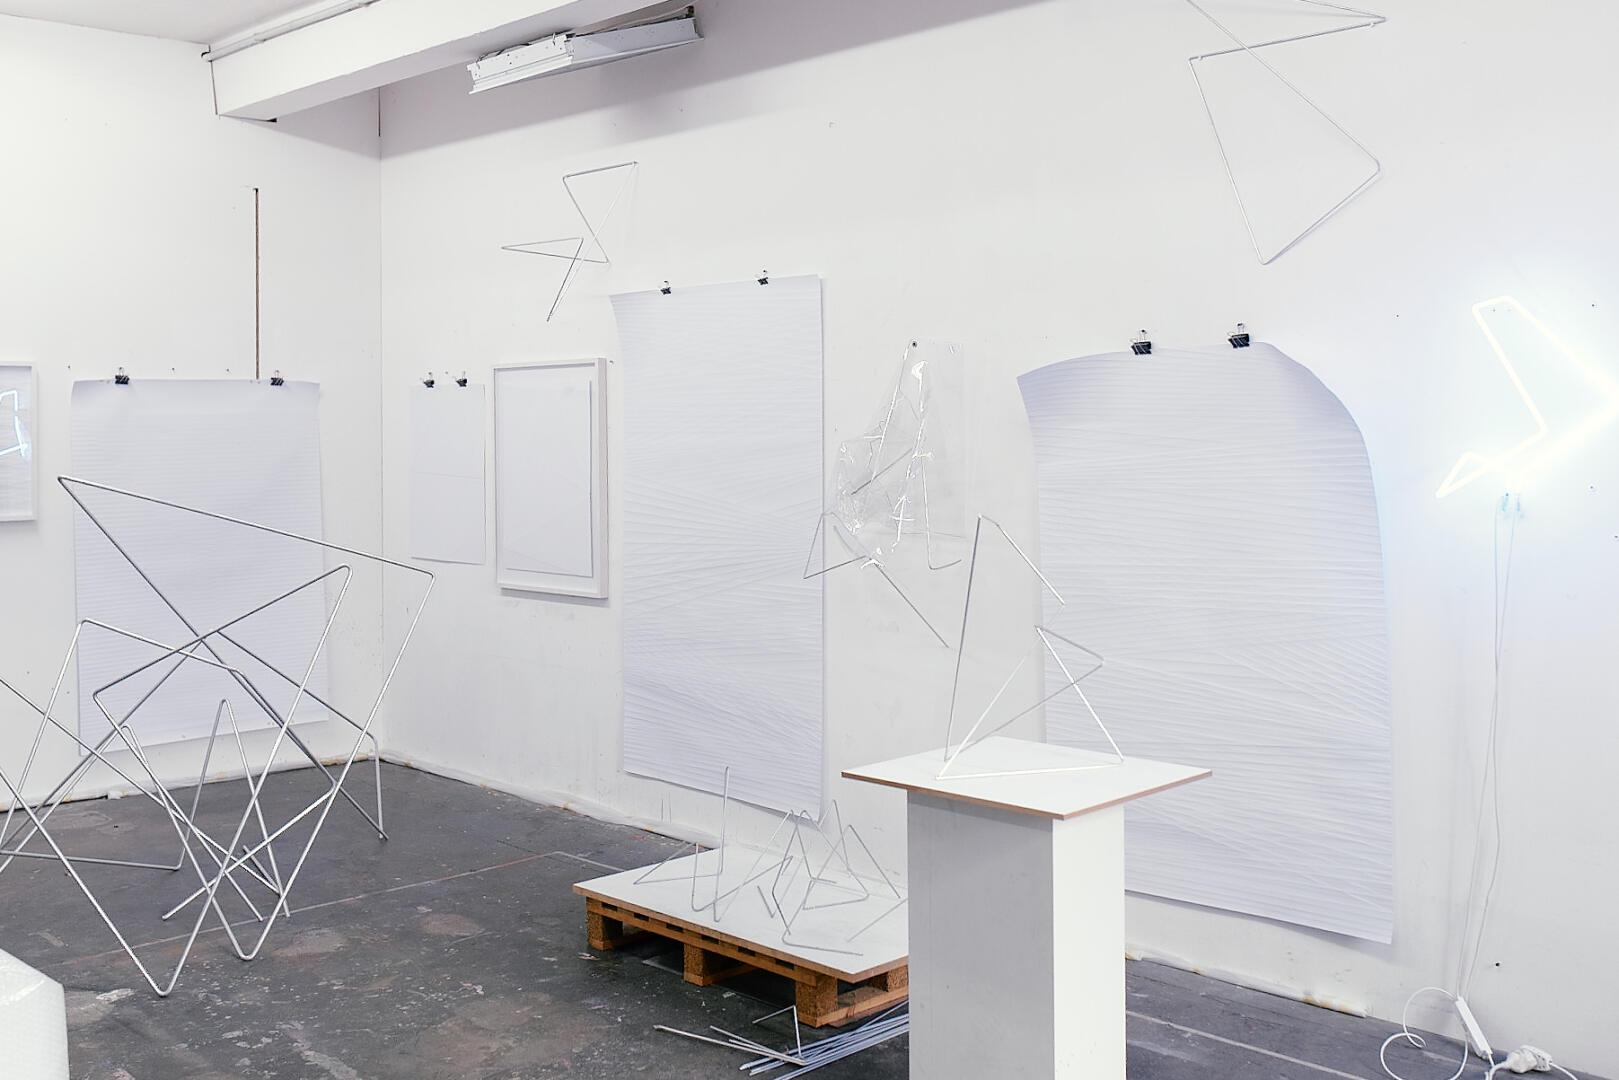 Uferhallen, Die Uferhallen-Künstler*innen | Fotoreportage und Künstler Portraits, Martin Peterdamm Photography